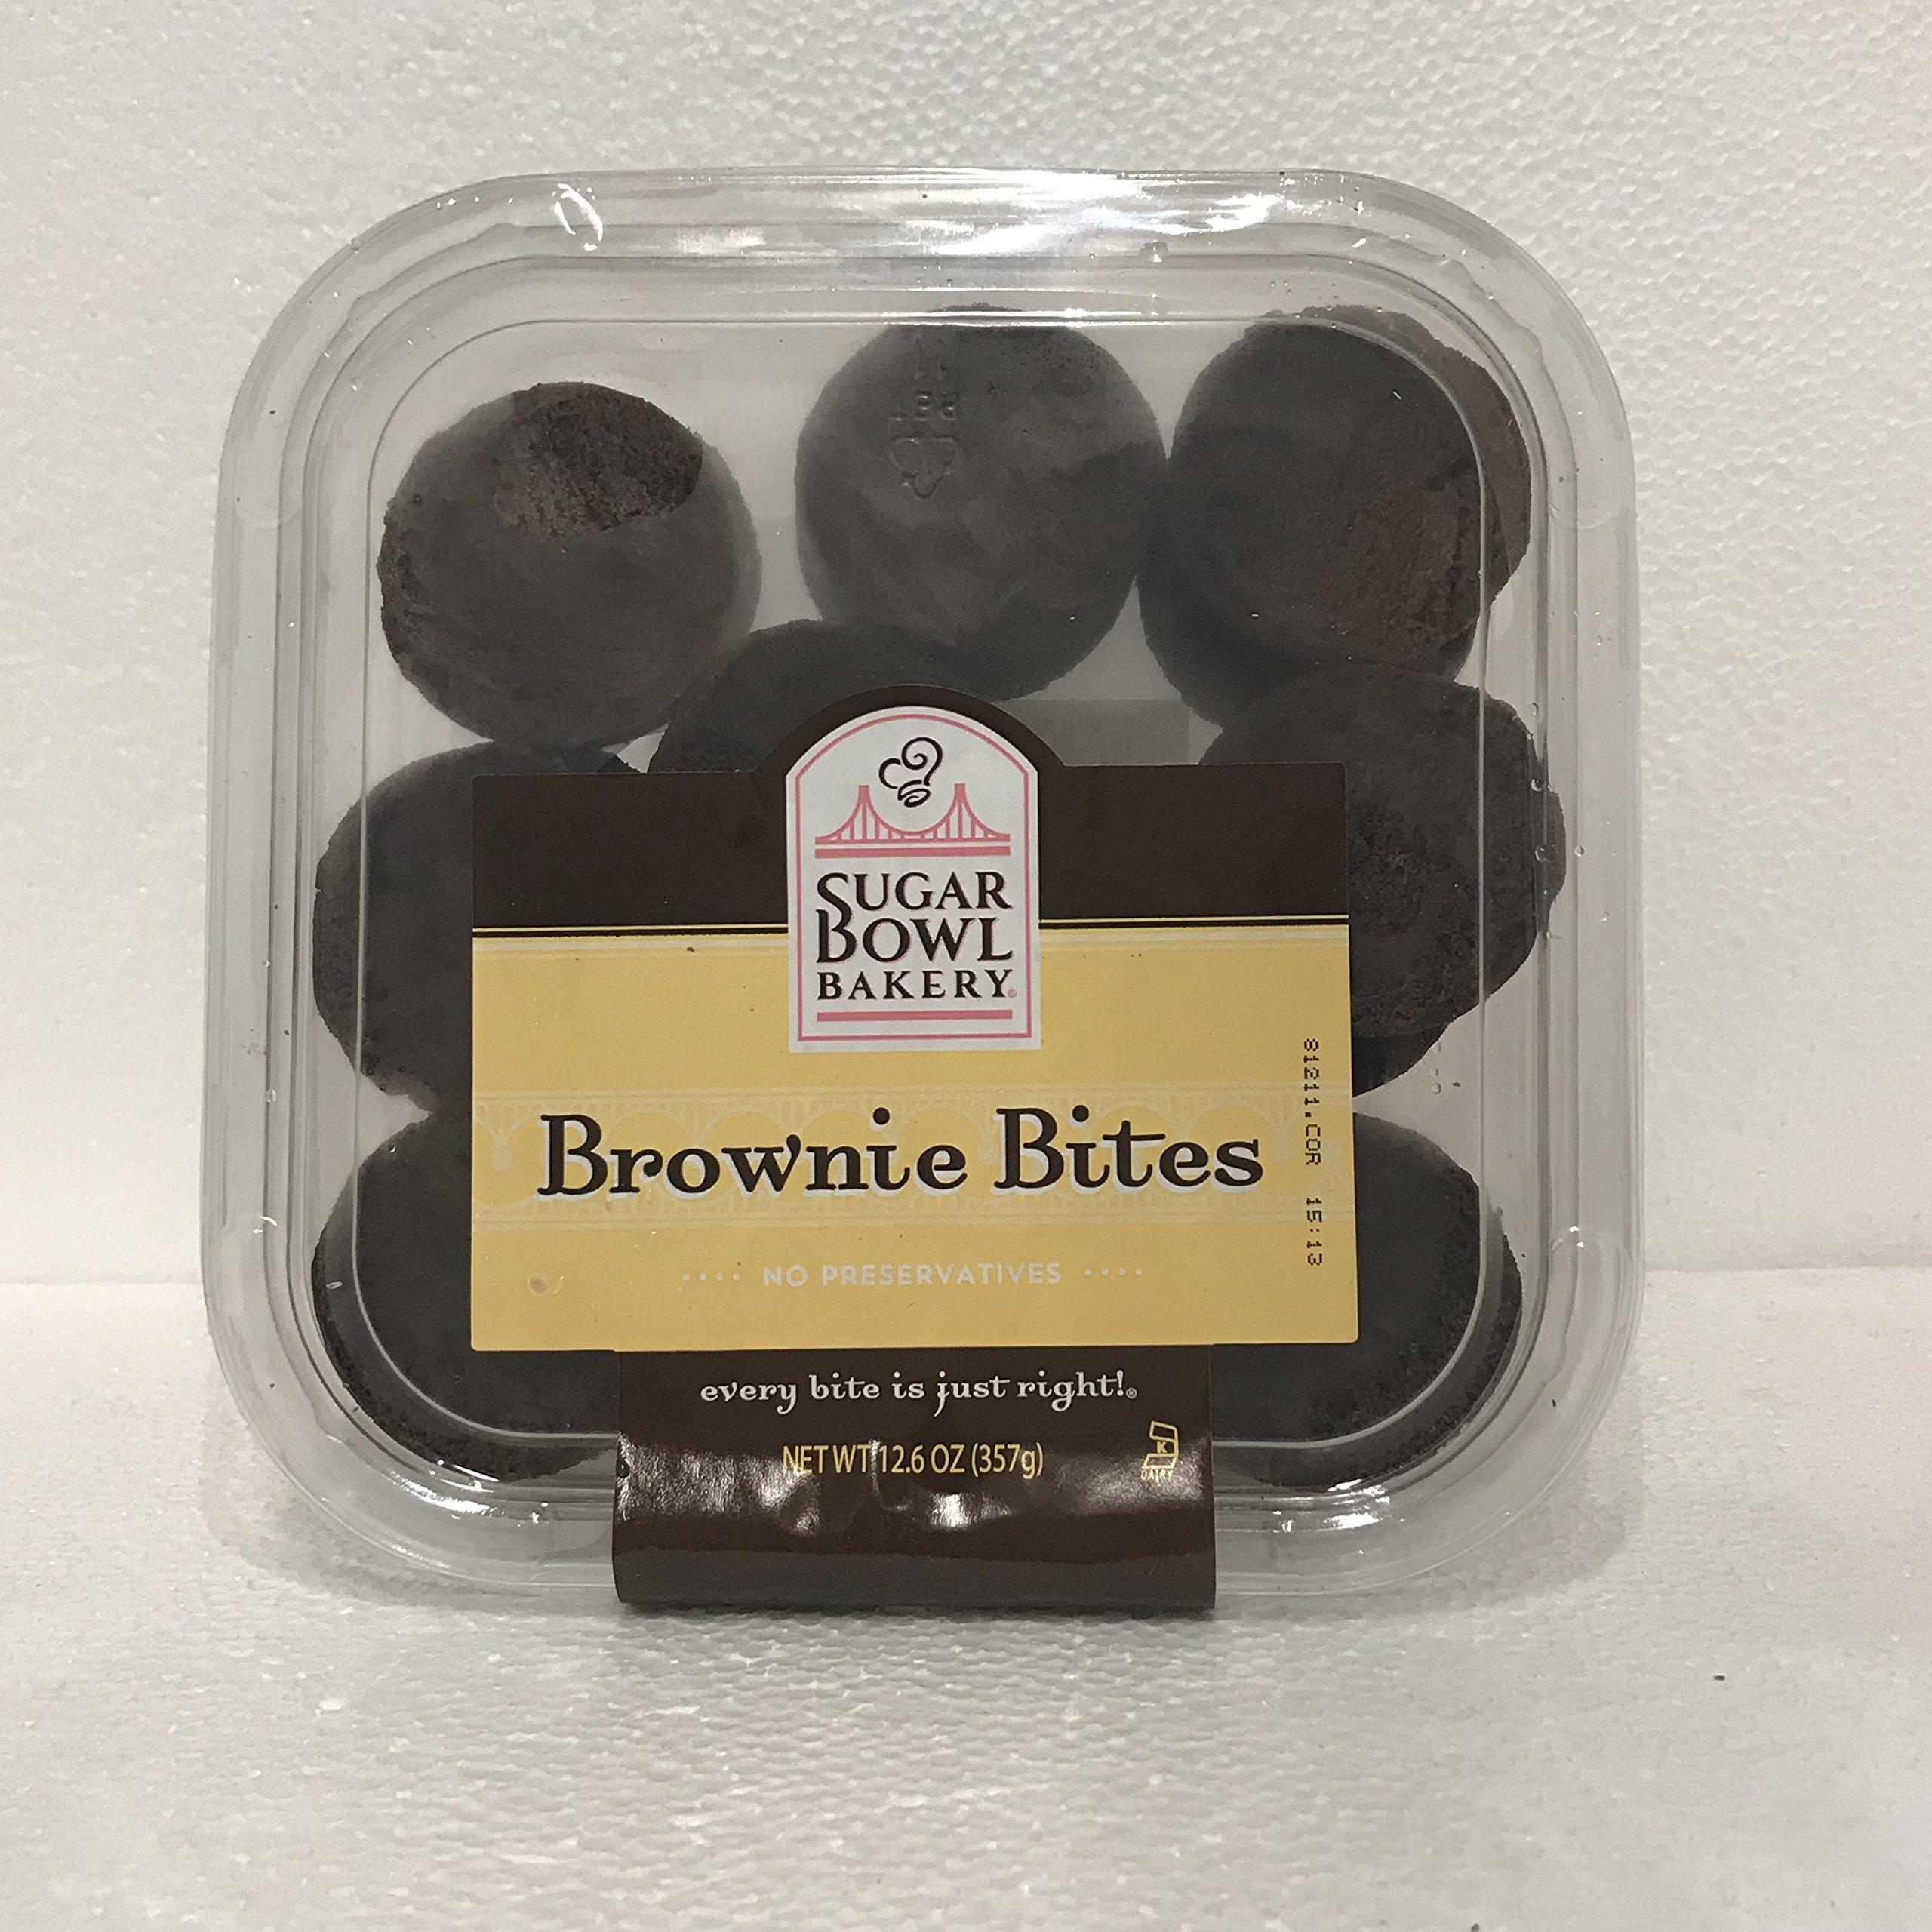 Sugar Bowl Bakery Brownie Bites 12.6 oz Pack of 3